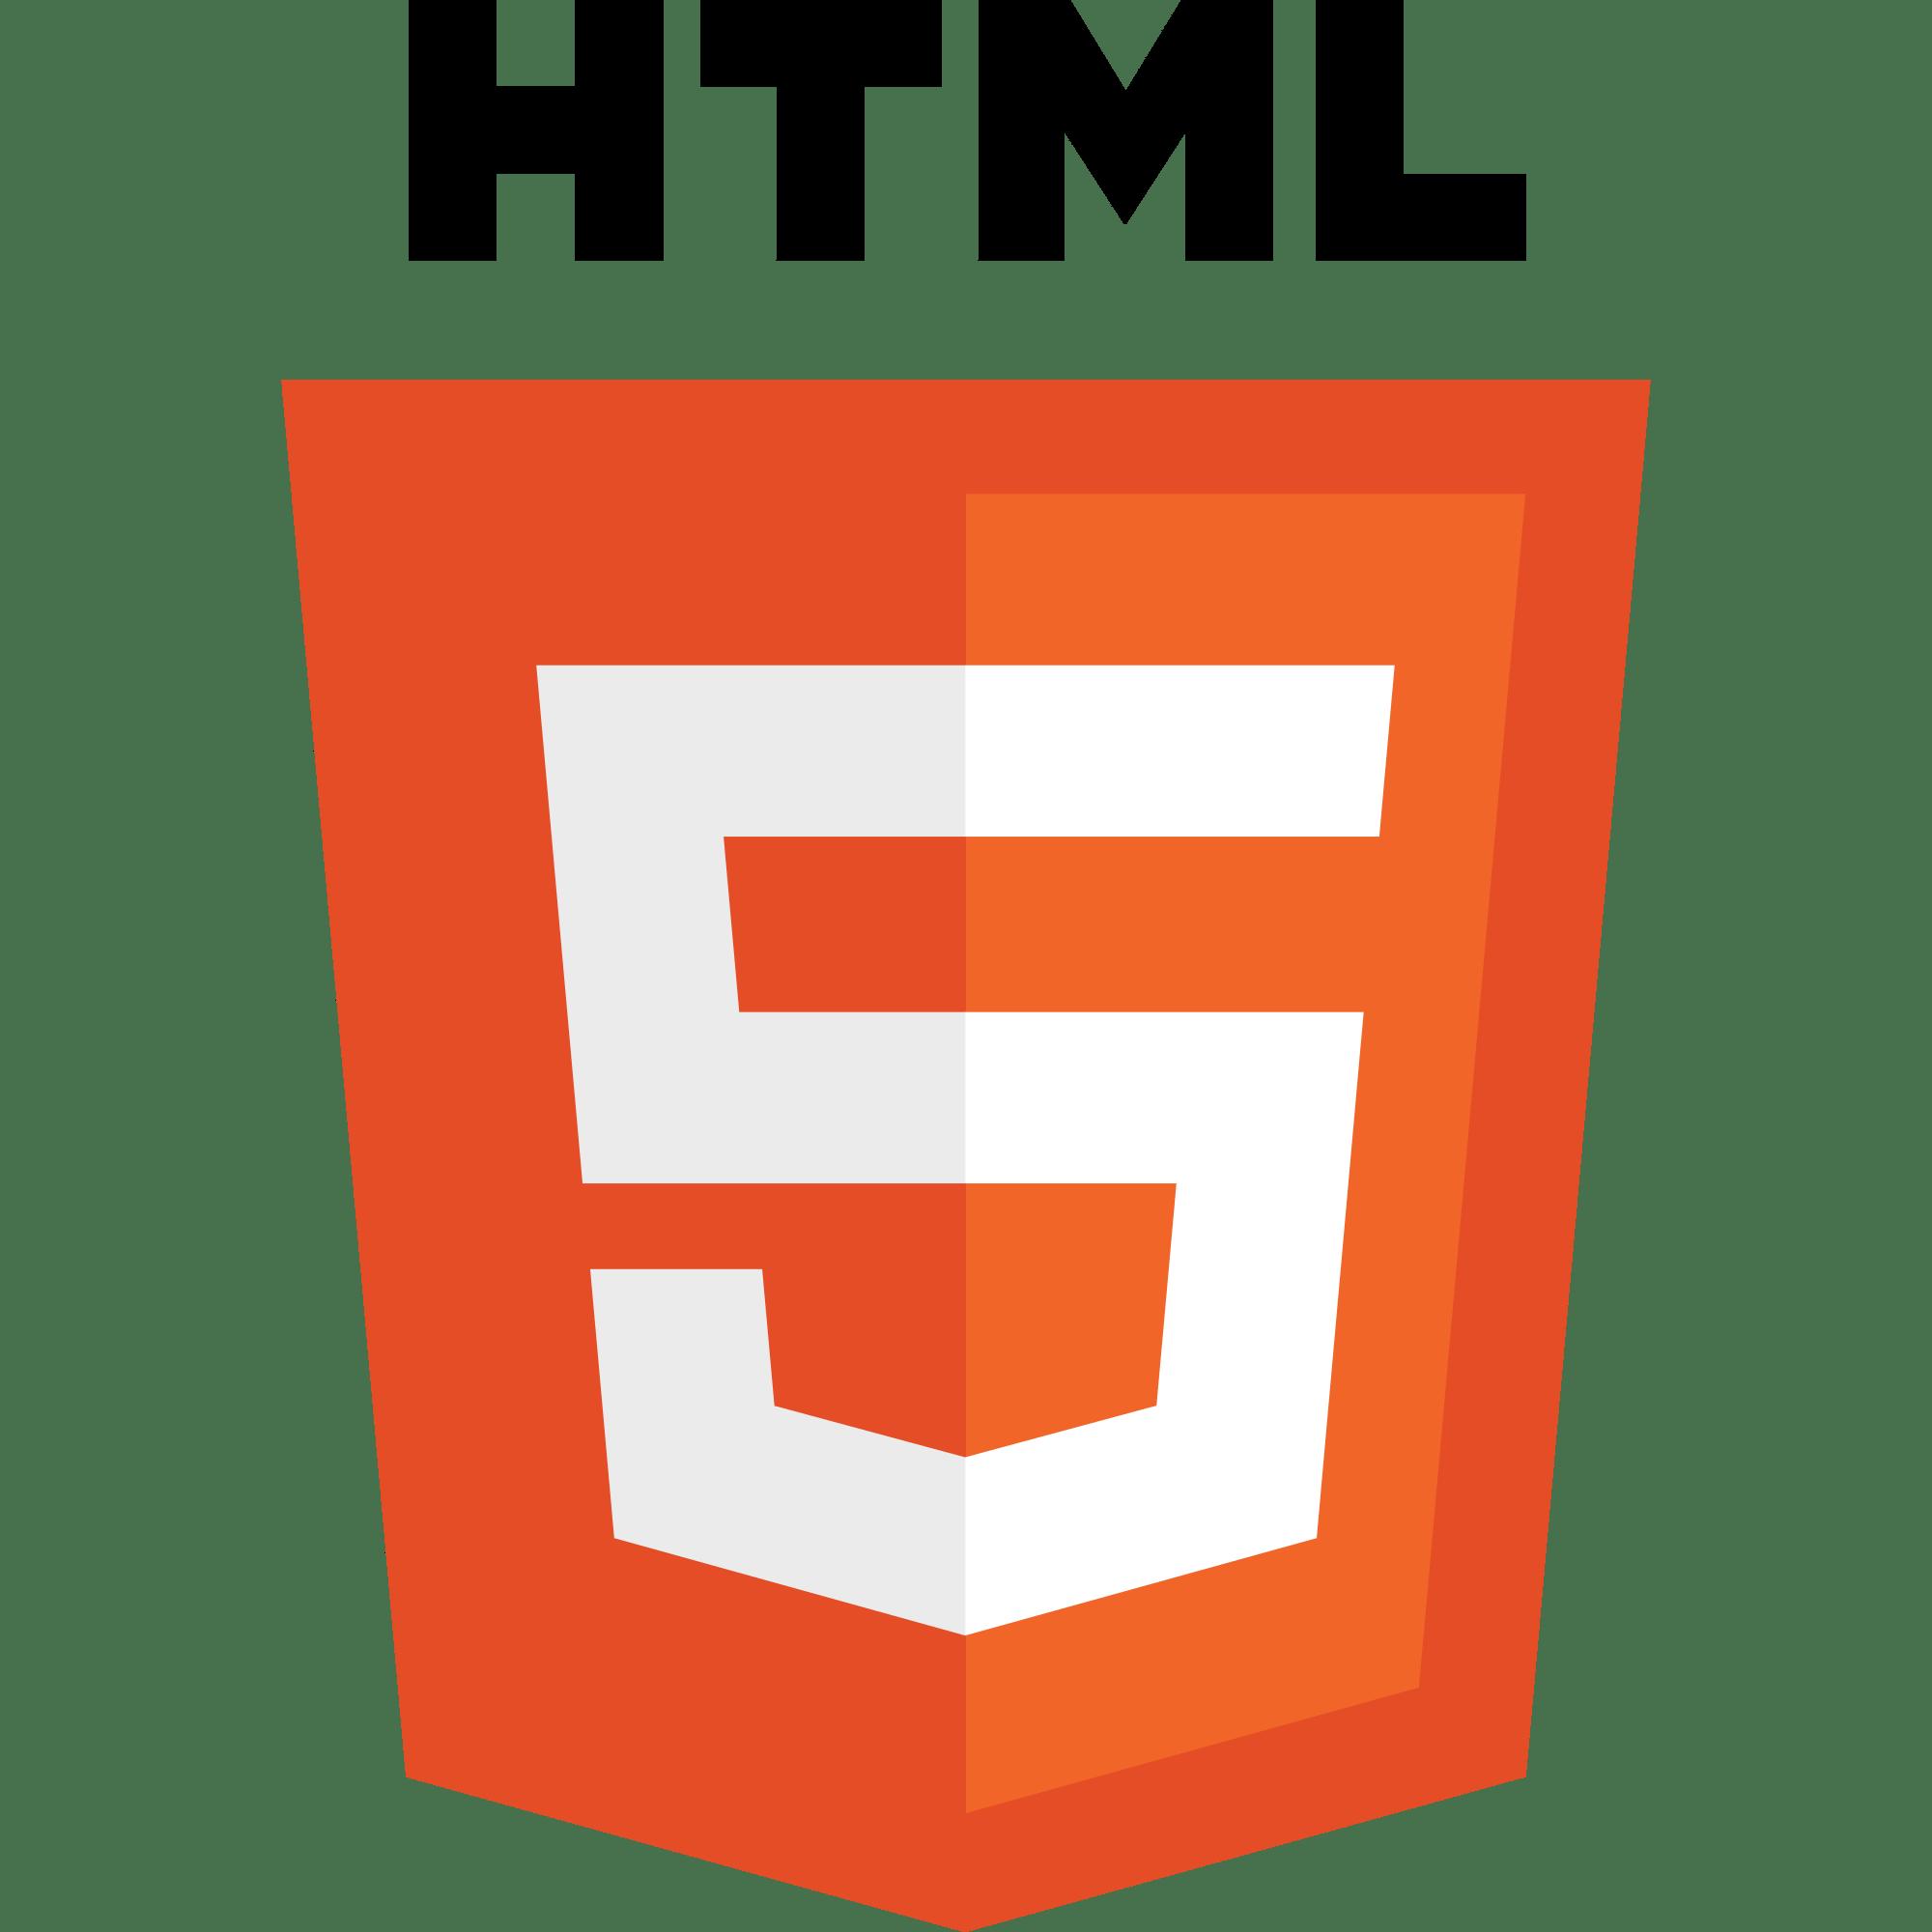 HTML5, objeto de interés para el marketing y la publicidad móvil